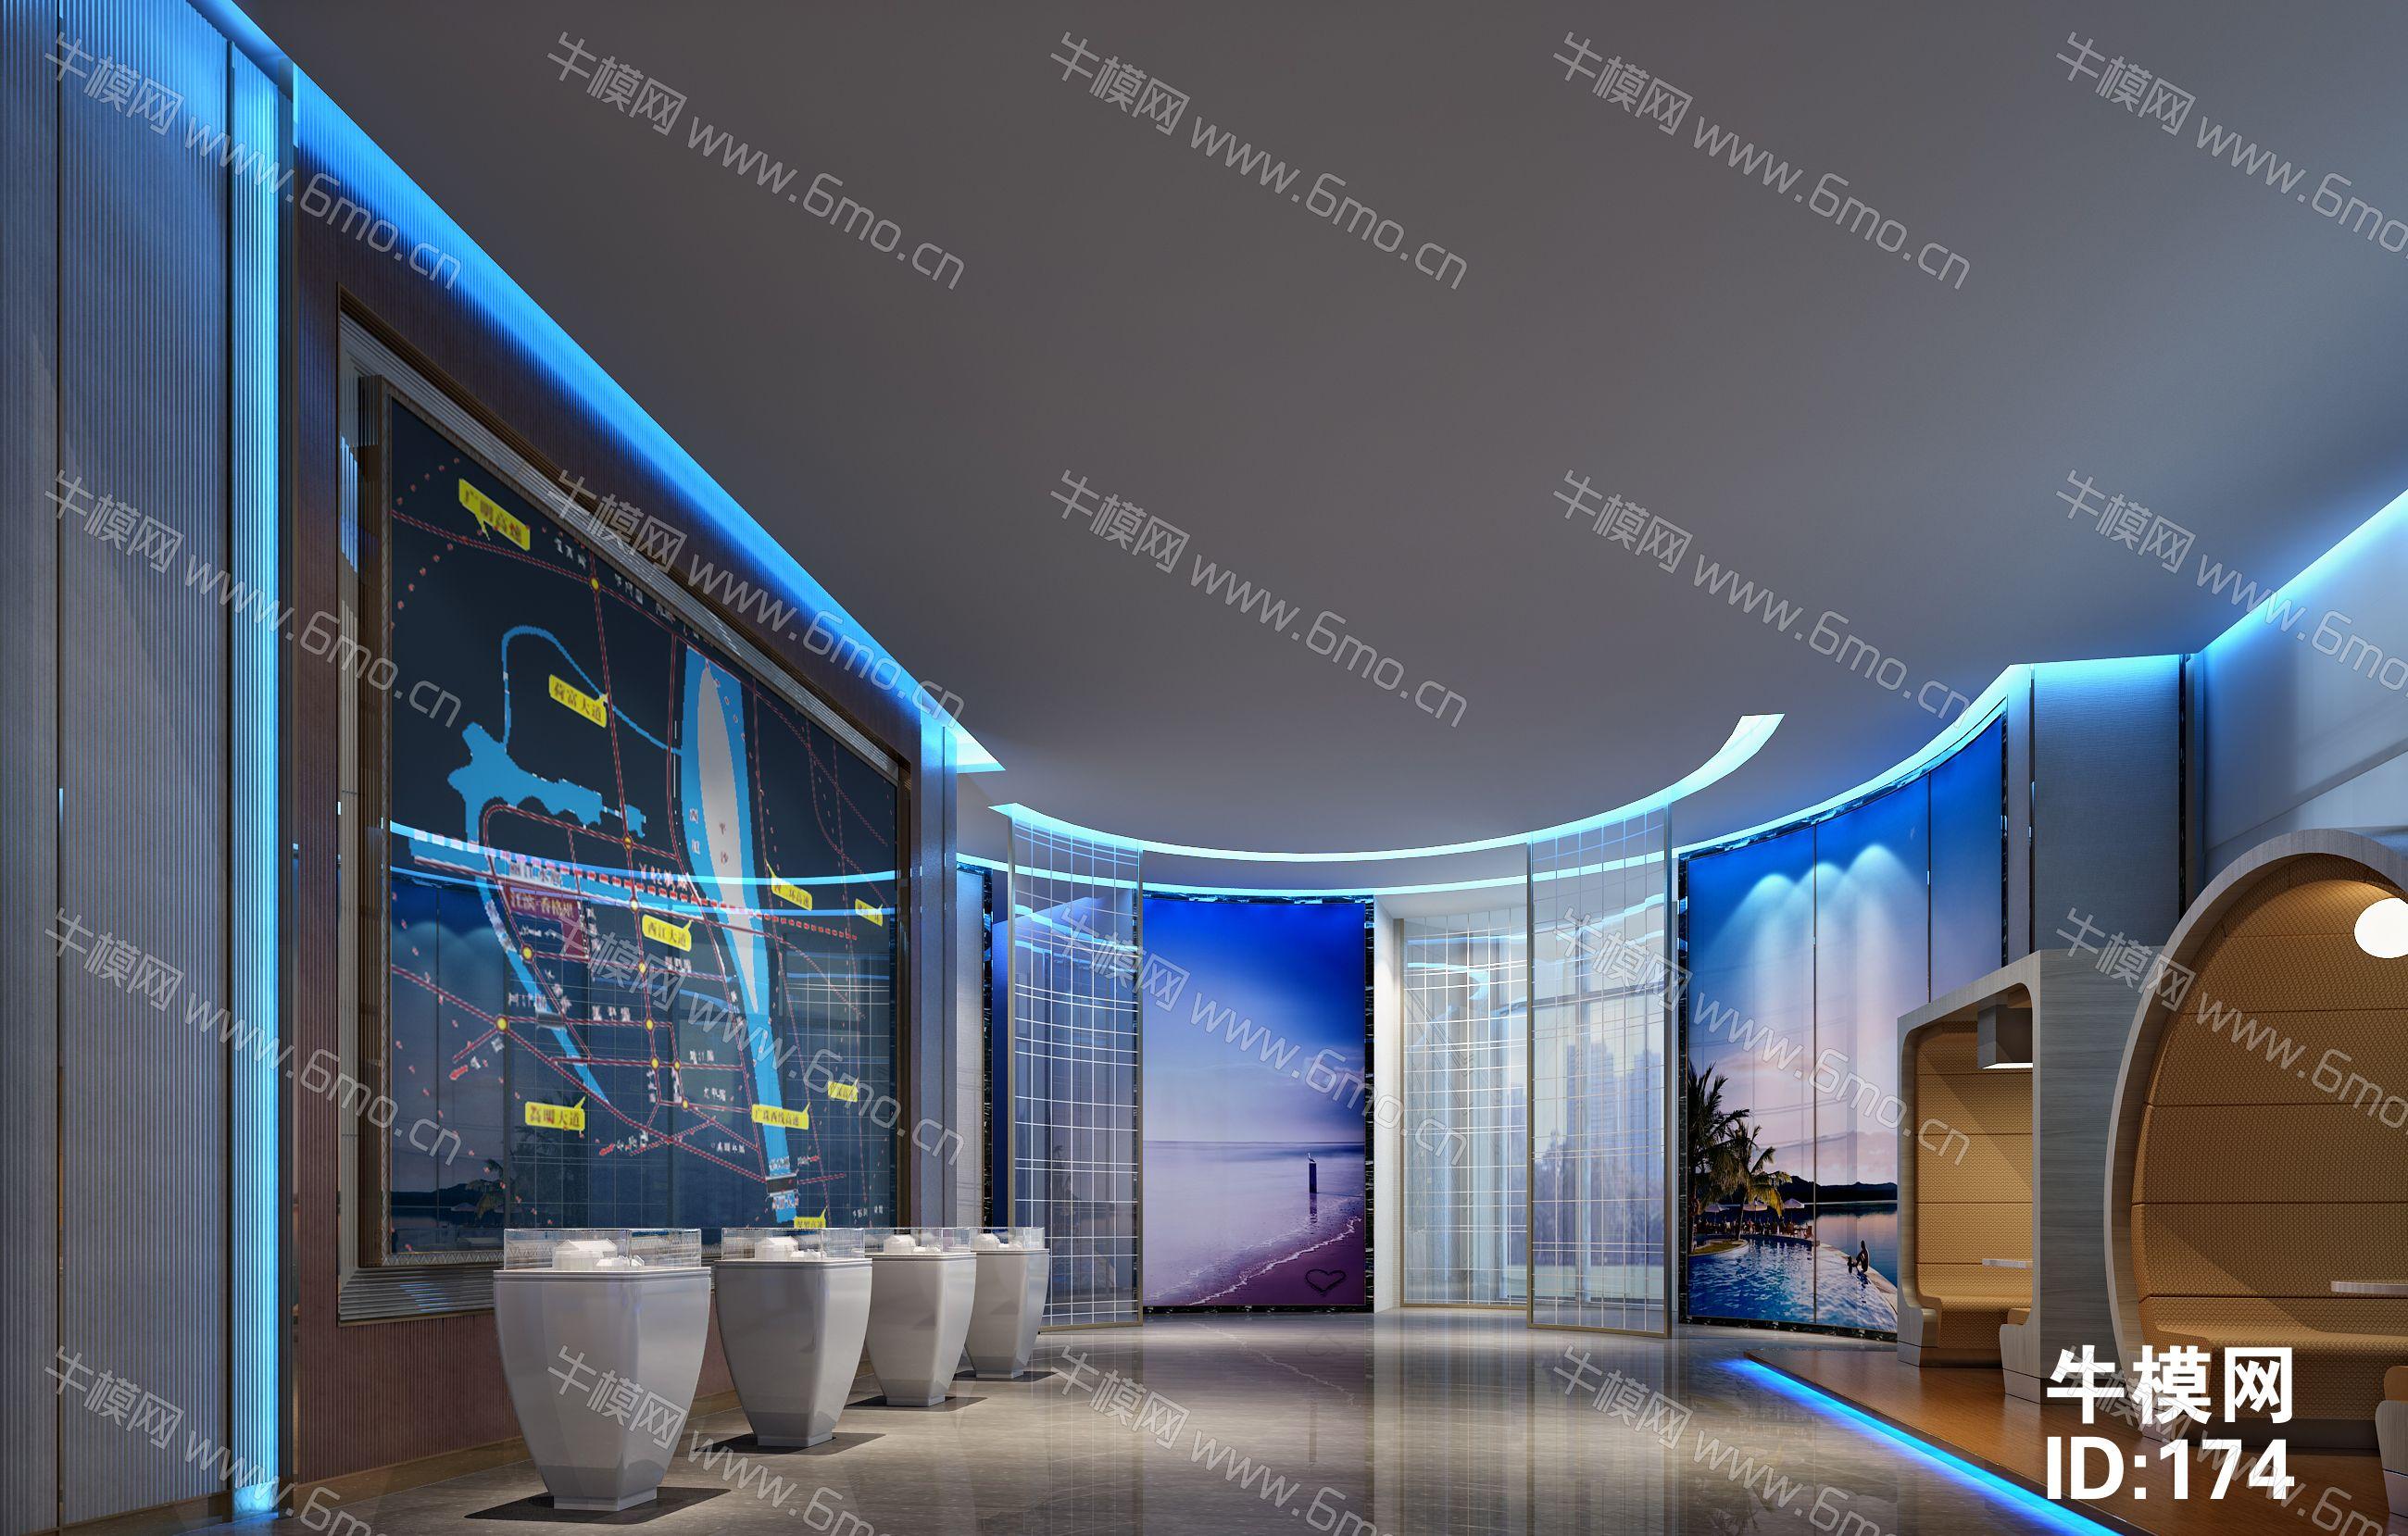 现代优雅售楼处大厅沙盘洽谈区